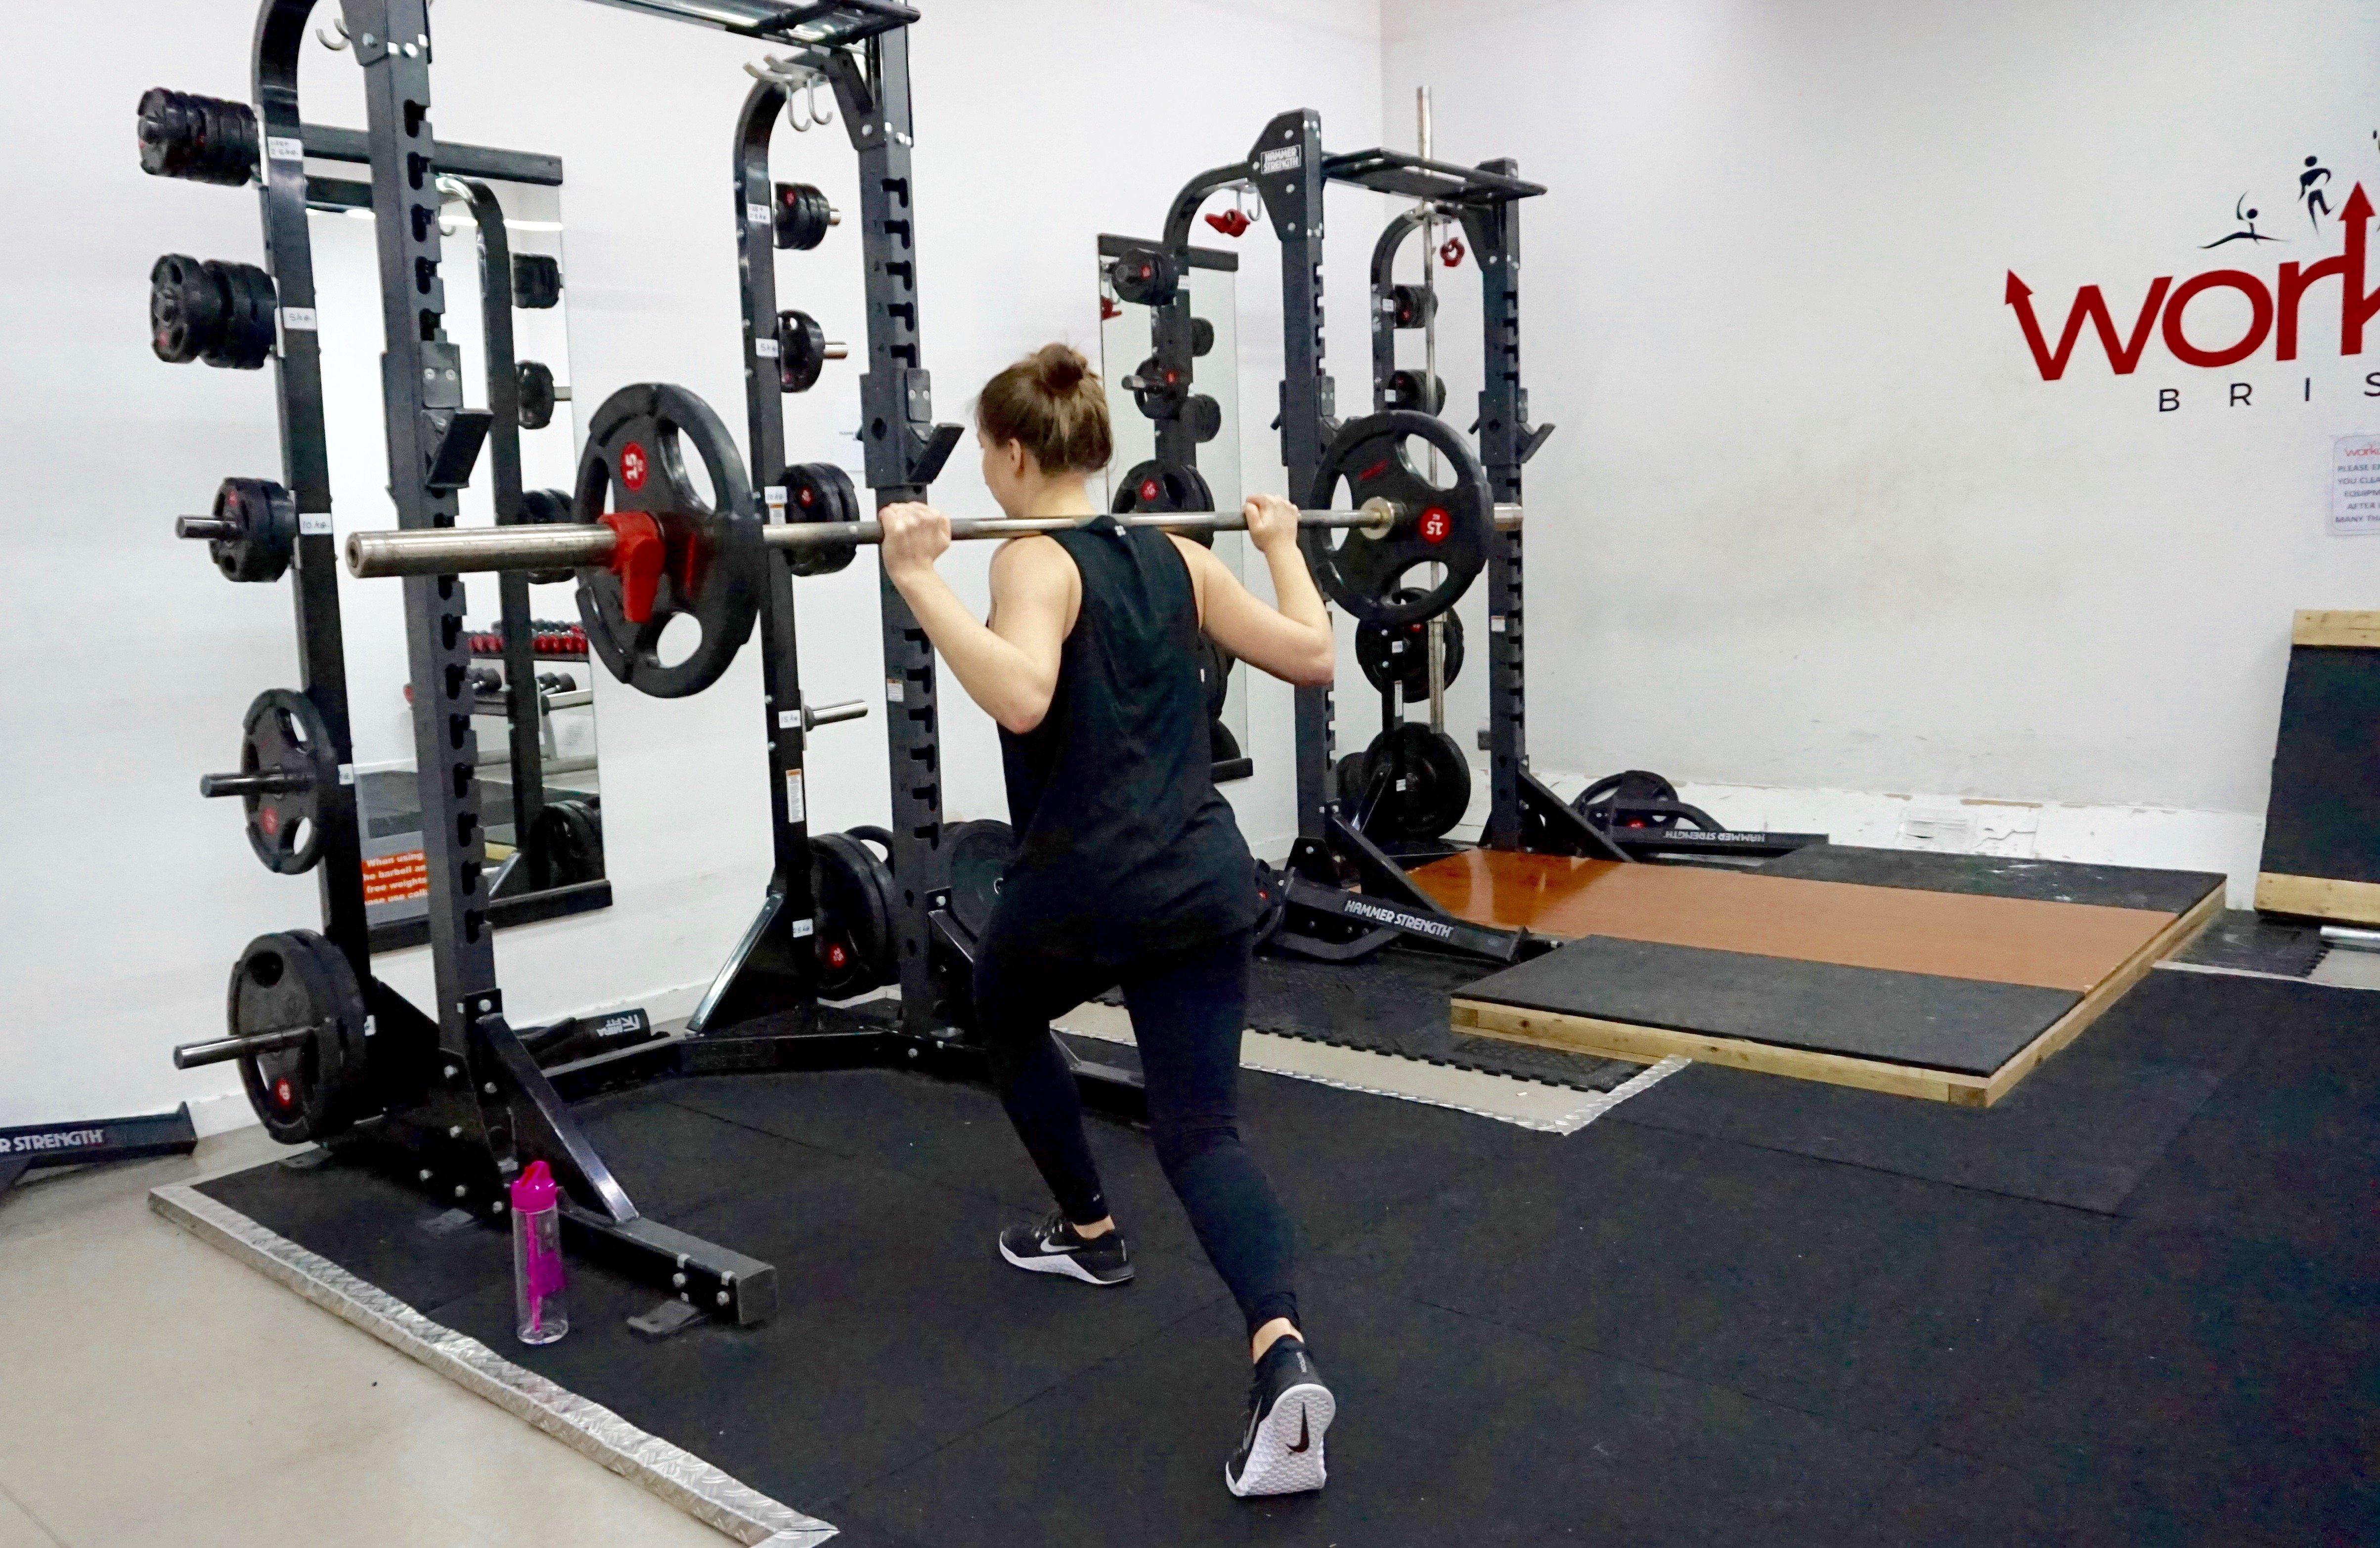 Gym at Workout Bristol